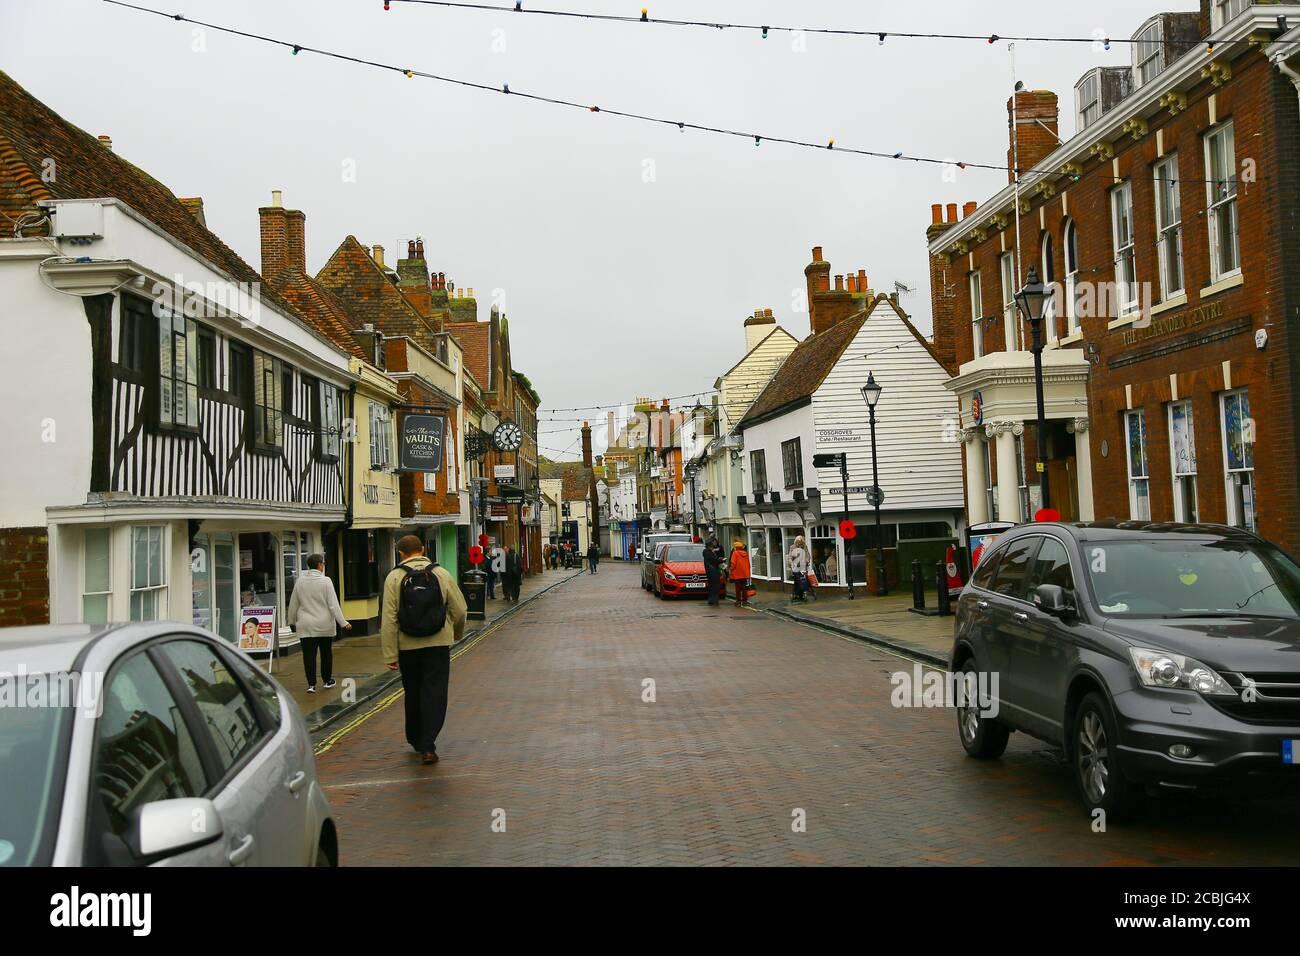 Faversham dans le Kent, typique de British High Street. Banque D'Images